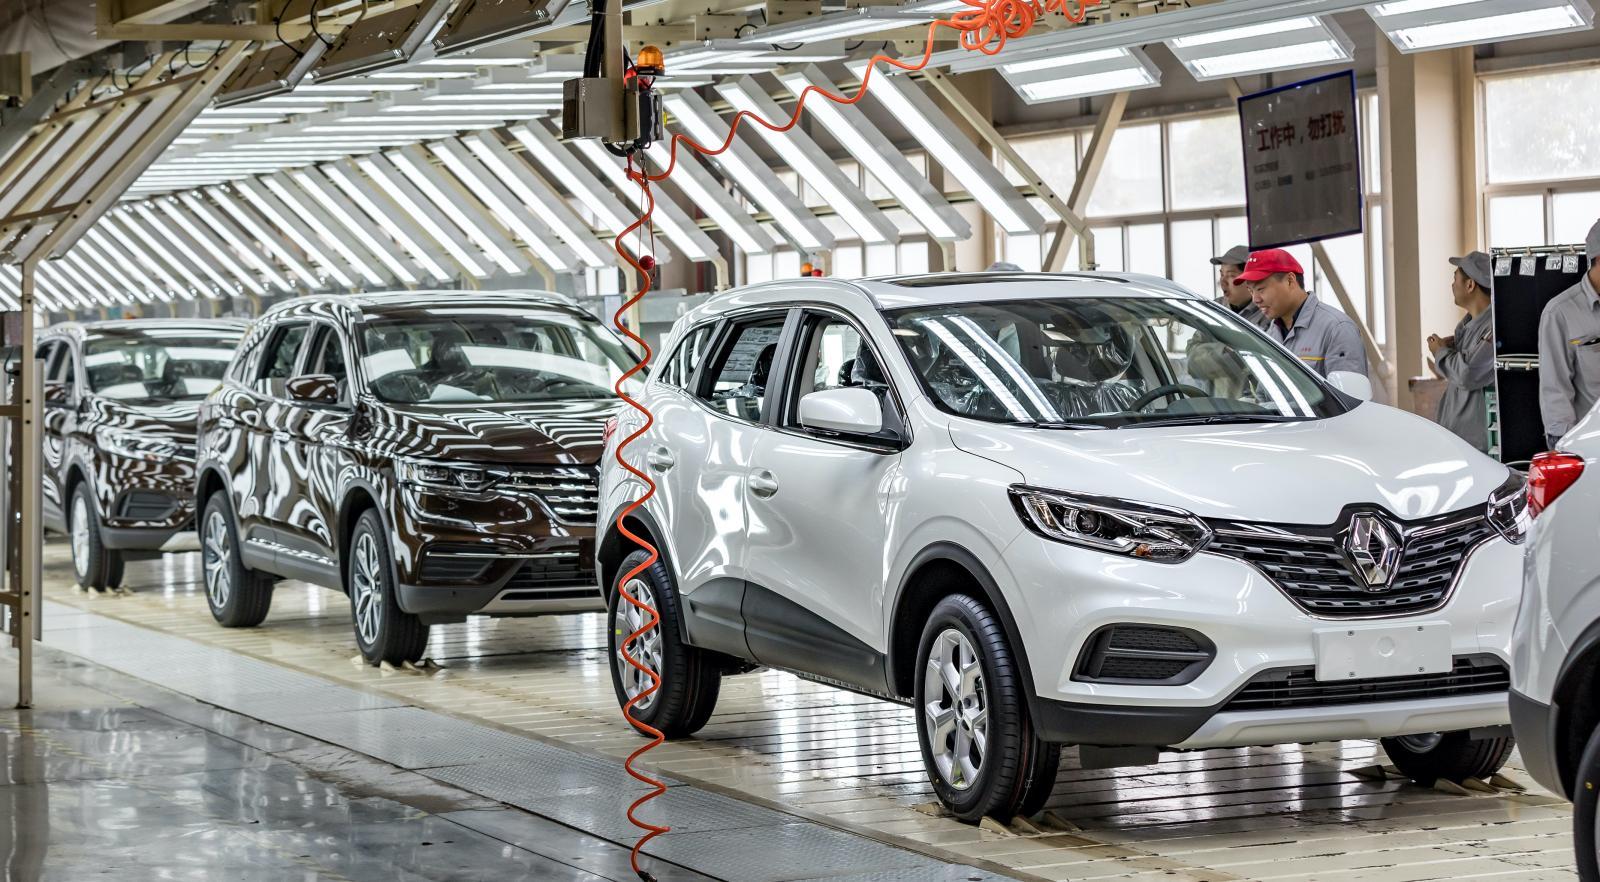 """Att jaga enorm försäljningsvolym är inte längre Renaults melodi. """"Det kan ha fungerat för 5, 10 eller 15 år sedan, men det har helt klart misslyckats de senaste åren"""", säger Renaultchefen Luca de Meo. Kapaciteten i fabrikerna sänks från 4 till 3,1 miljoner bilar årligen."""